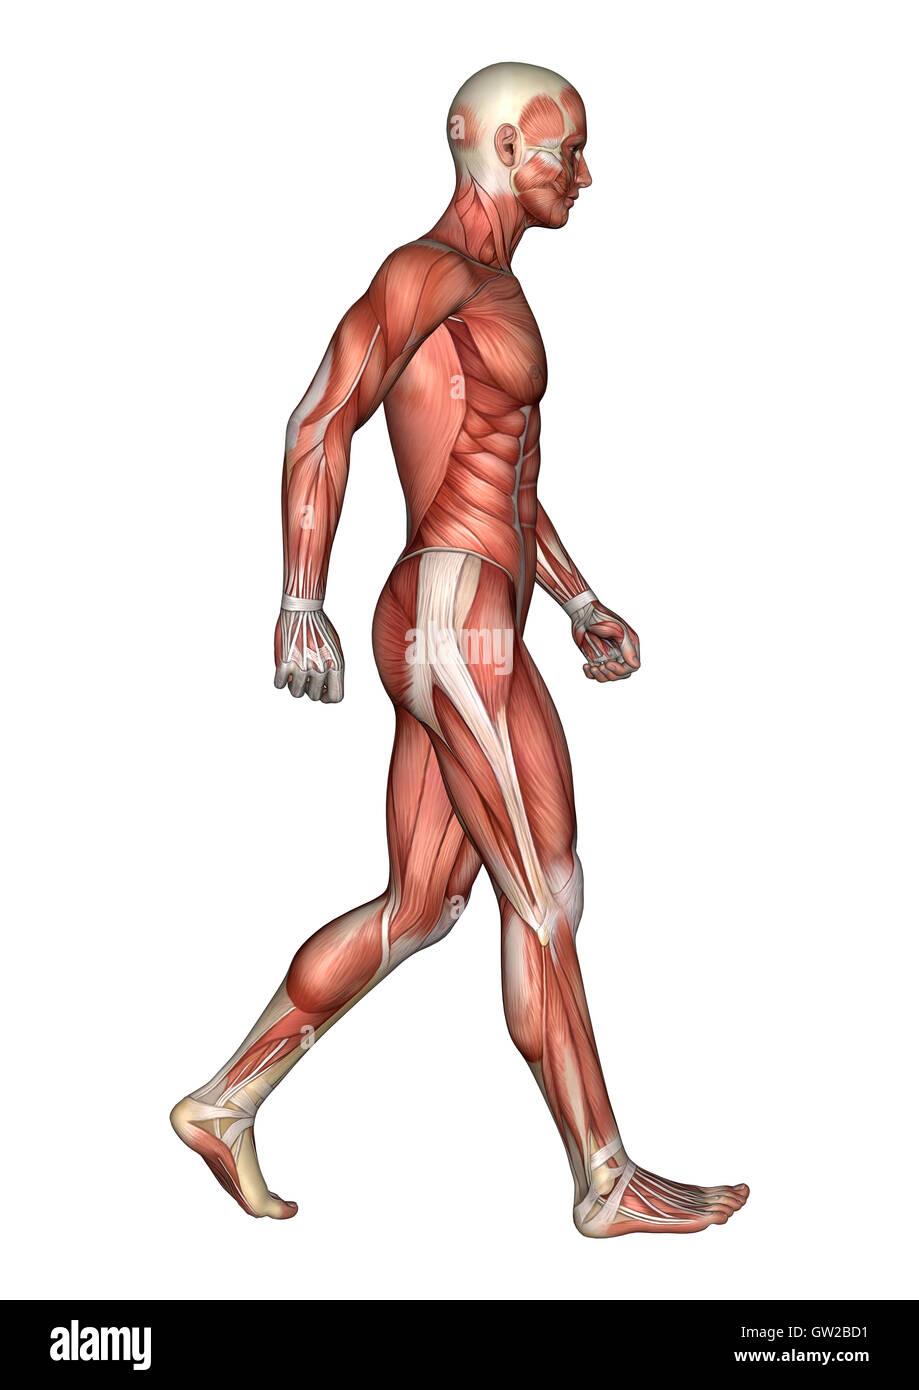 Tolle Anatomie Studie Karten Bilder - Anatomie Von Menschlichen ...